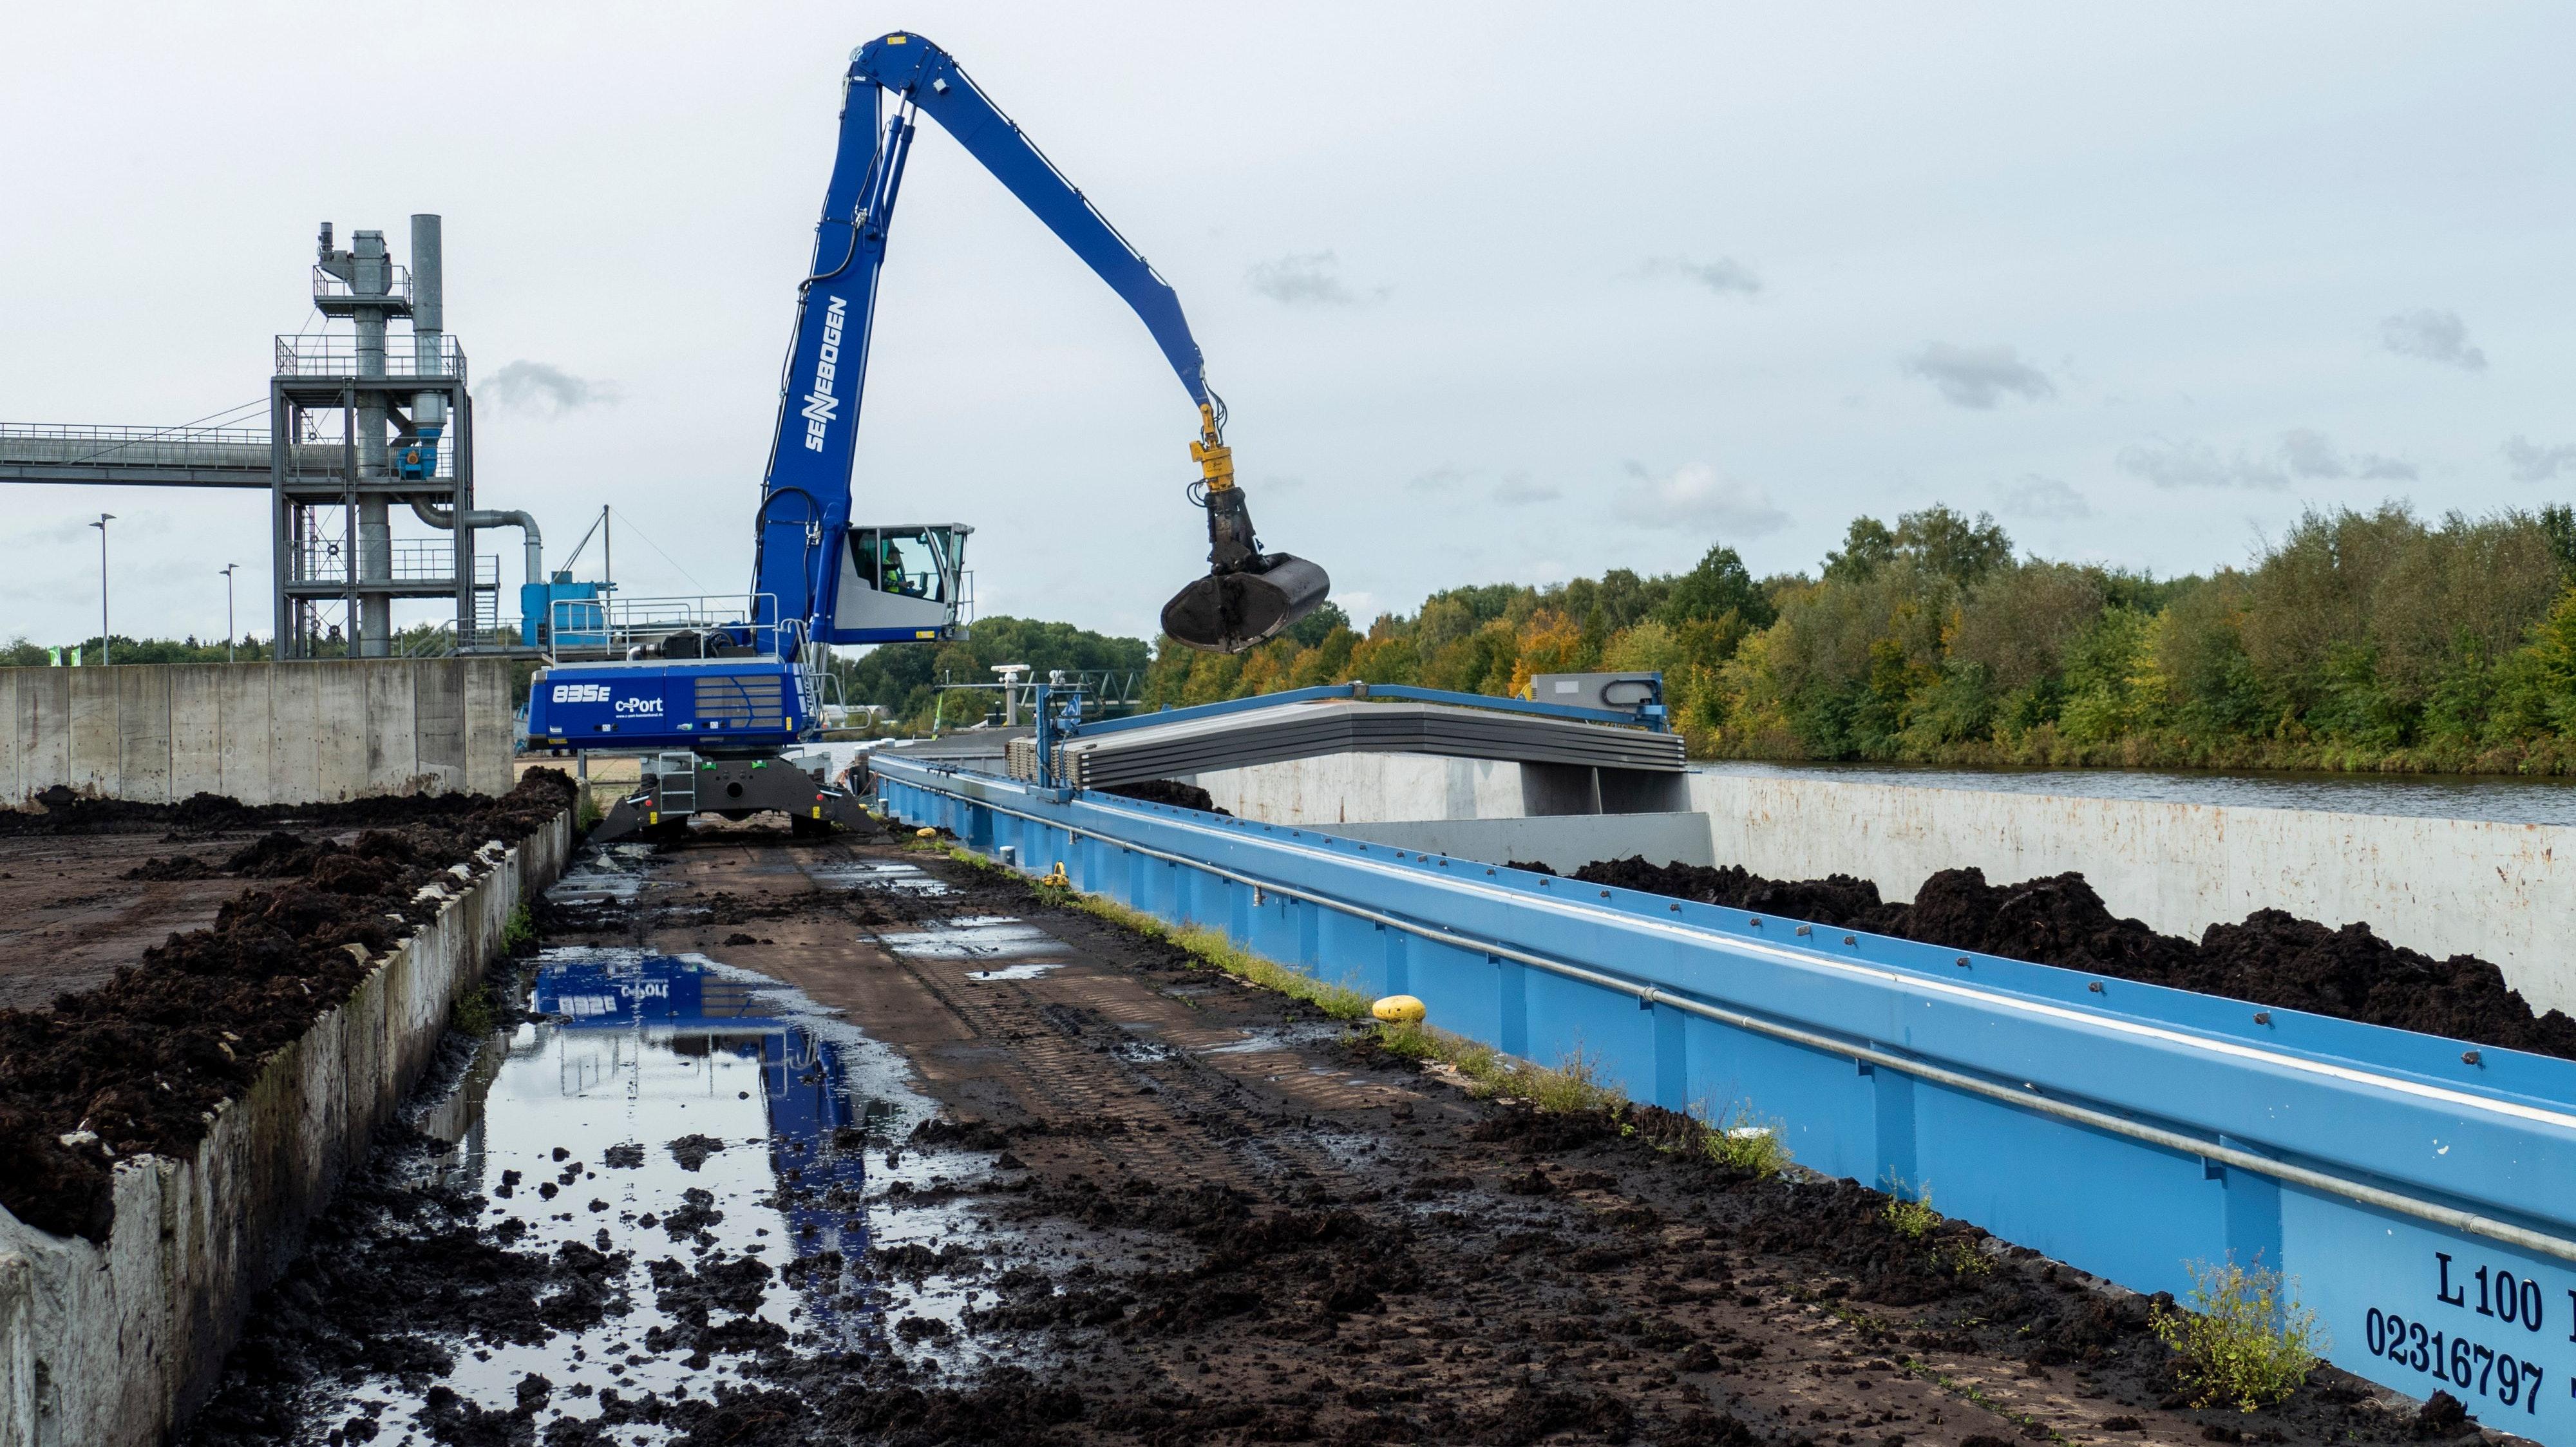 Der Renner: Gut 100.000 Tonnen Torf werden am C-Port in diesem Jahr verladen. Der Großteil ist für die Pilzindustrie in den Niederlanden bestimmt. Weitere Ladegüter sind Baustoffe, Getreide, Futtermittel und sperrige Güter. Foto: Stix